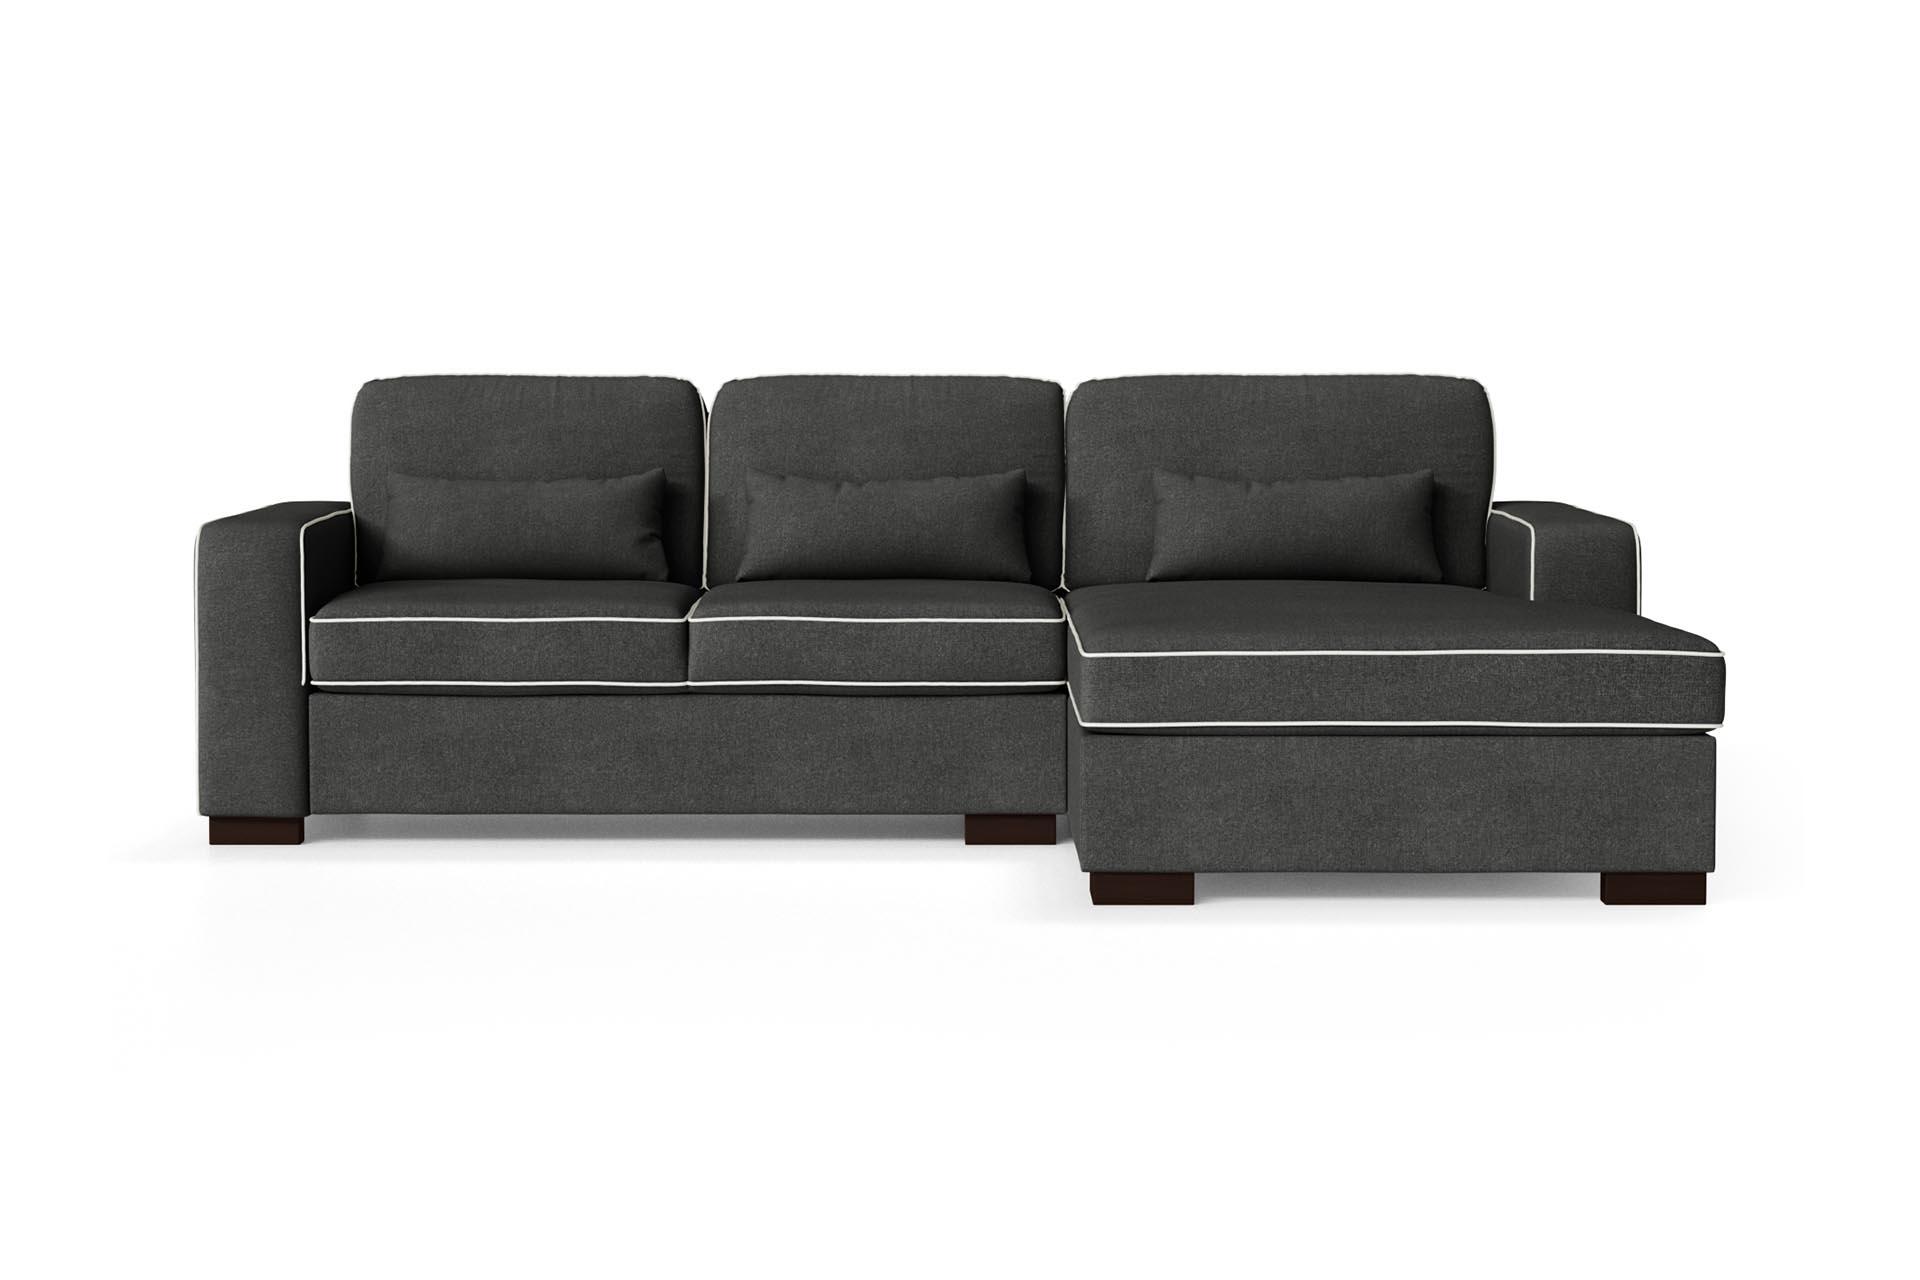 Canapé d'angle droit 4 places toucher coton anthracite/gris clair